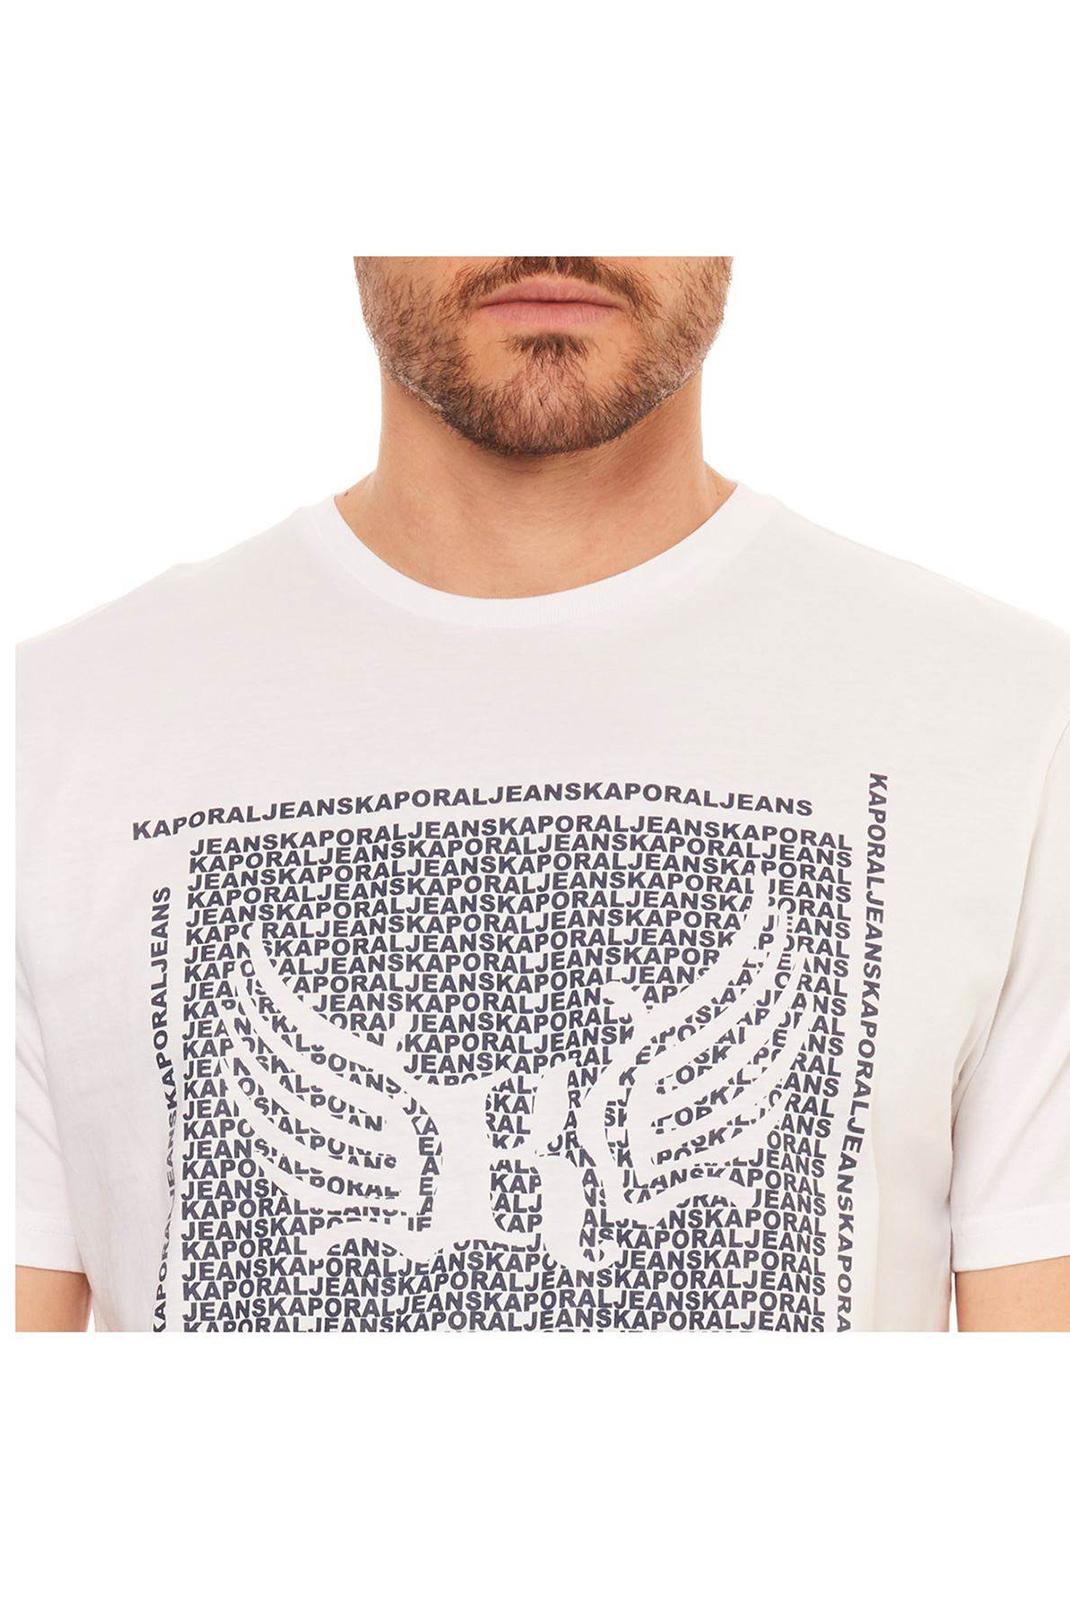 Tee-shirts  Kaporal PASTO h19 WHITE